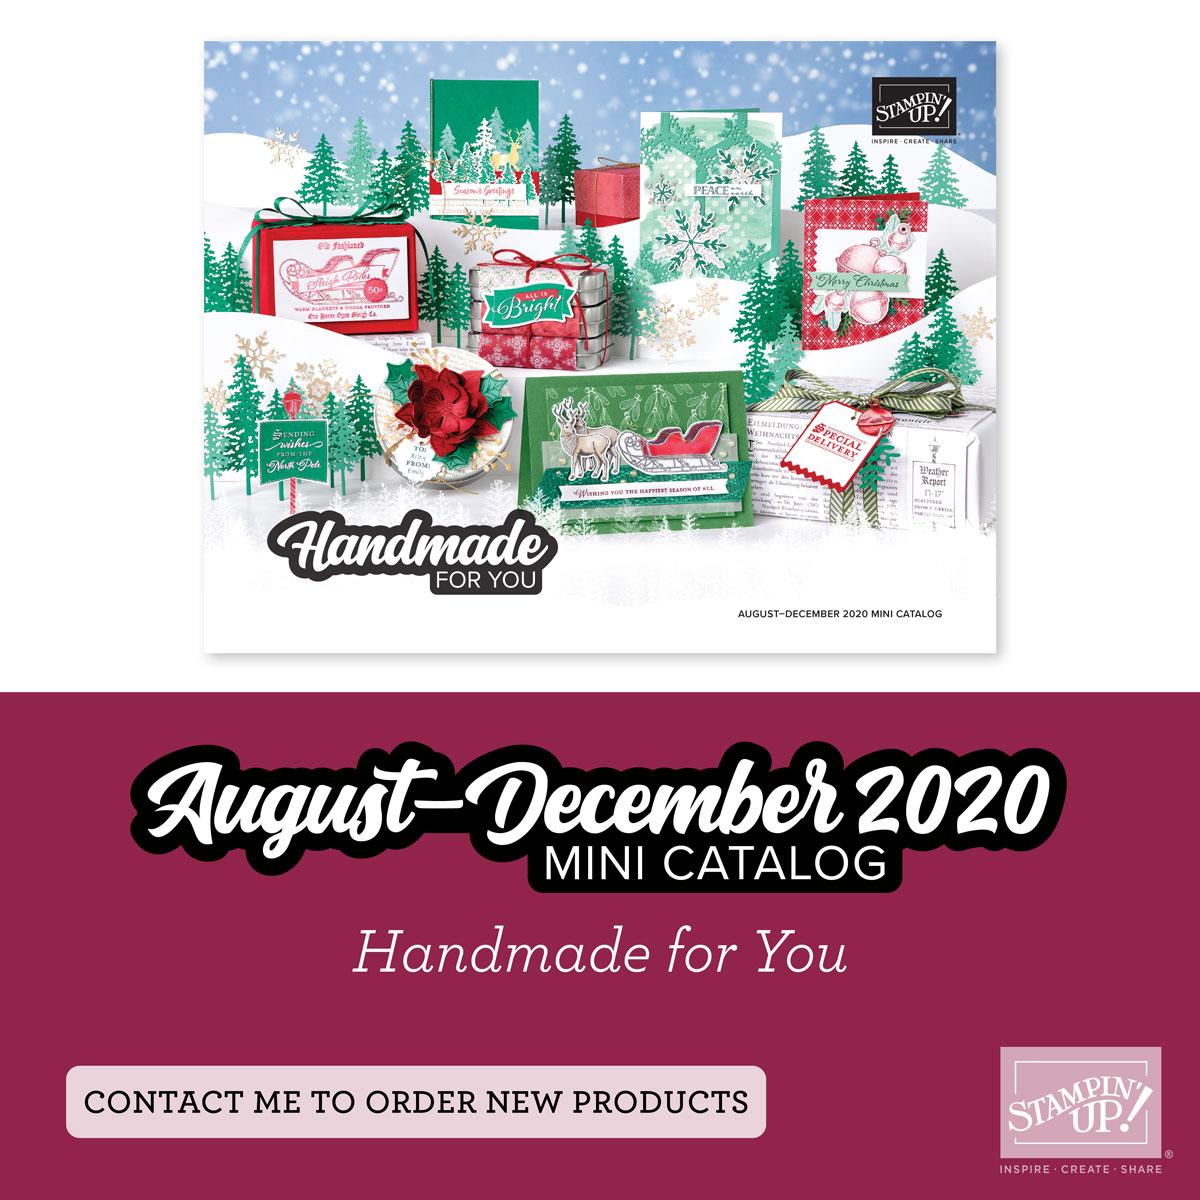 Aug - Dec Mini Catalog